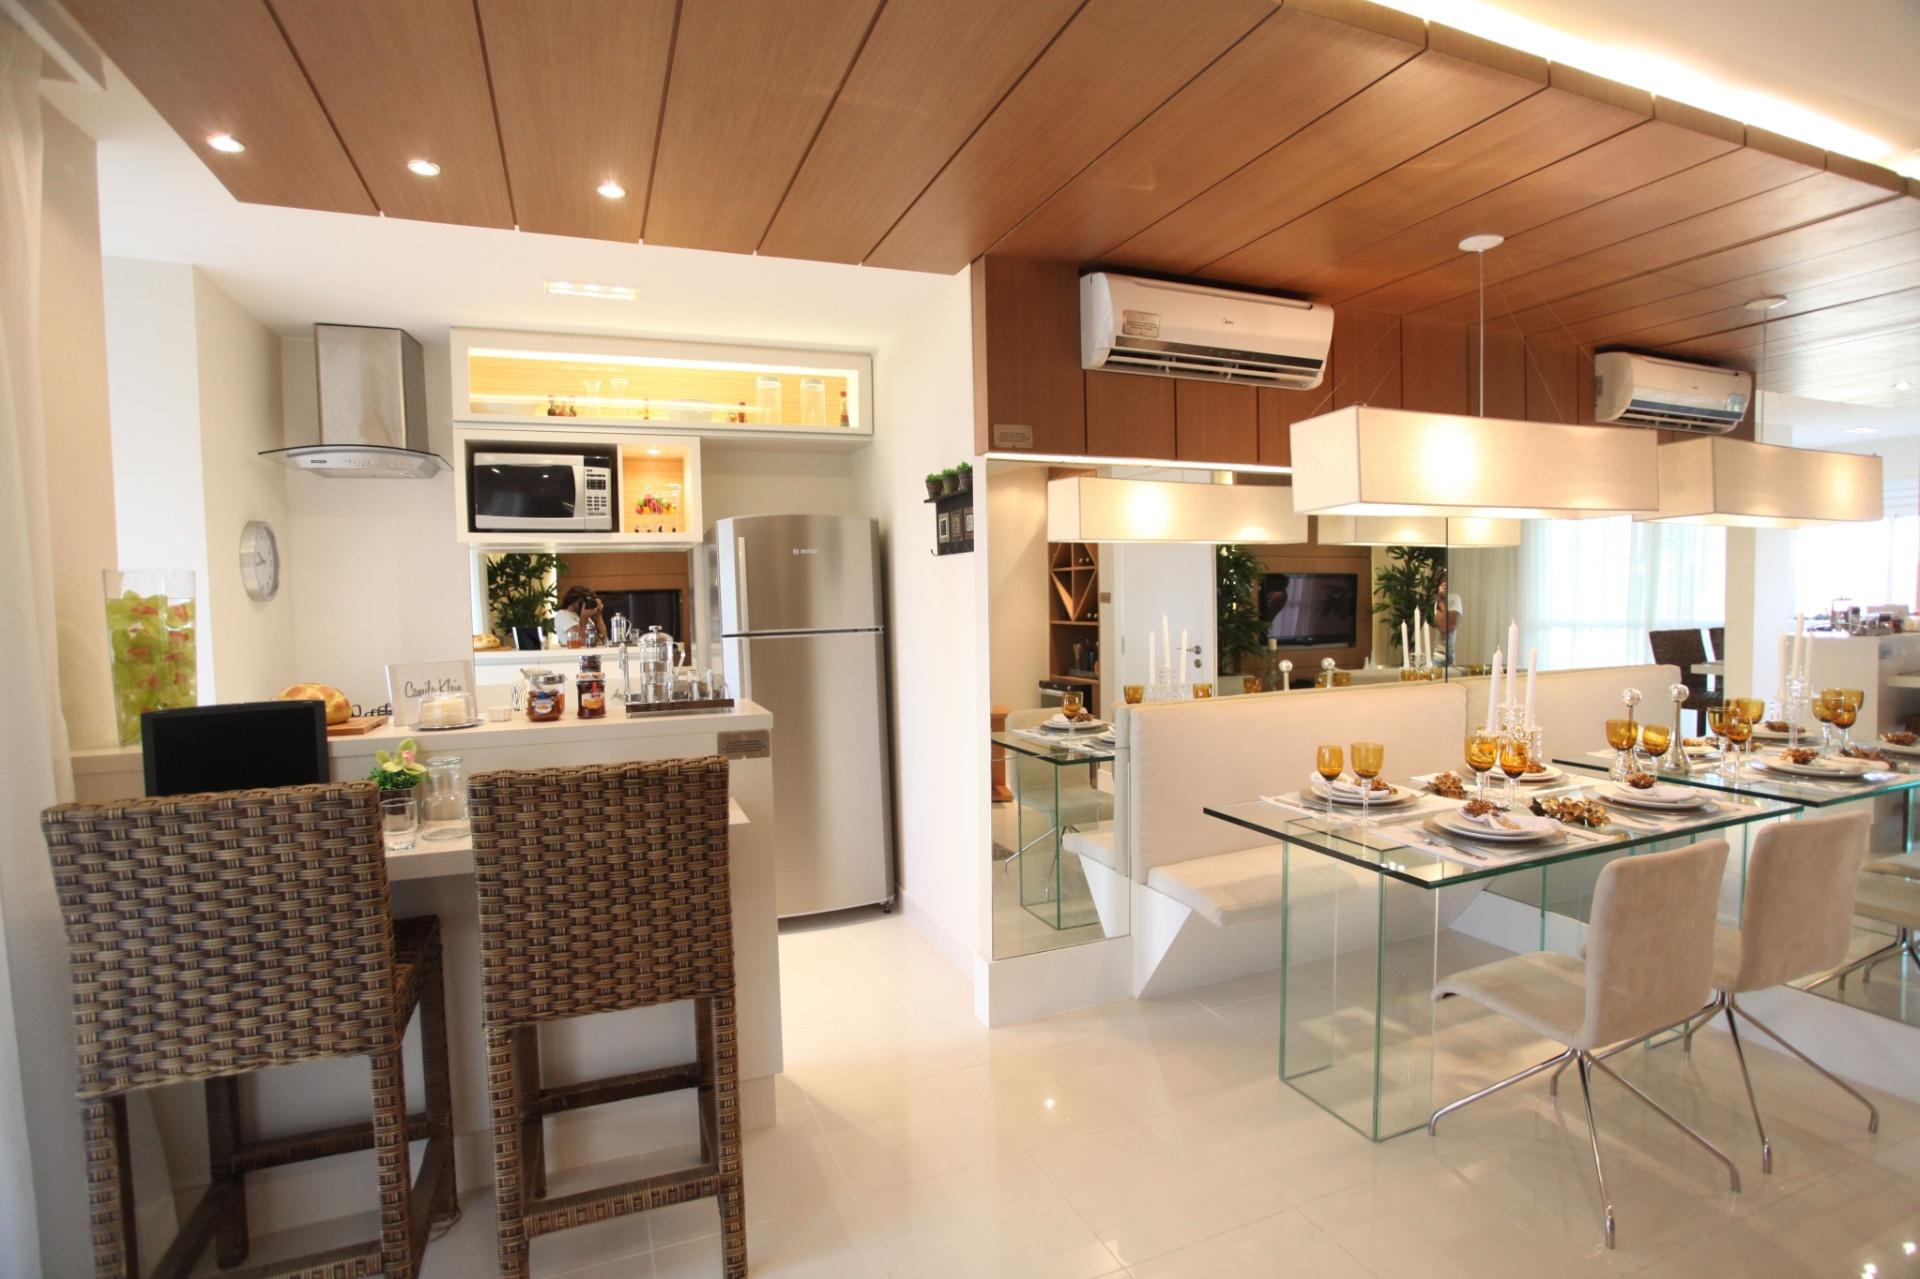 O desafio de criar um espaço para as refeições de quatro pessoas, sem deixar o apartamento com excesso de móveis e objetos, foi aceito pela arquiteta Camila Klein